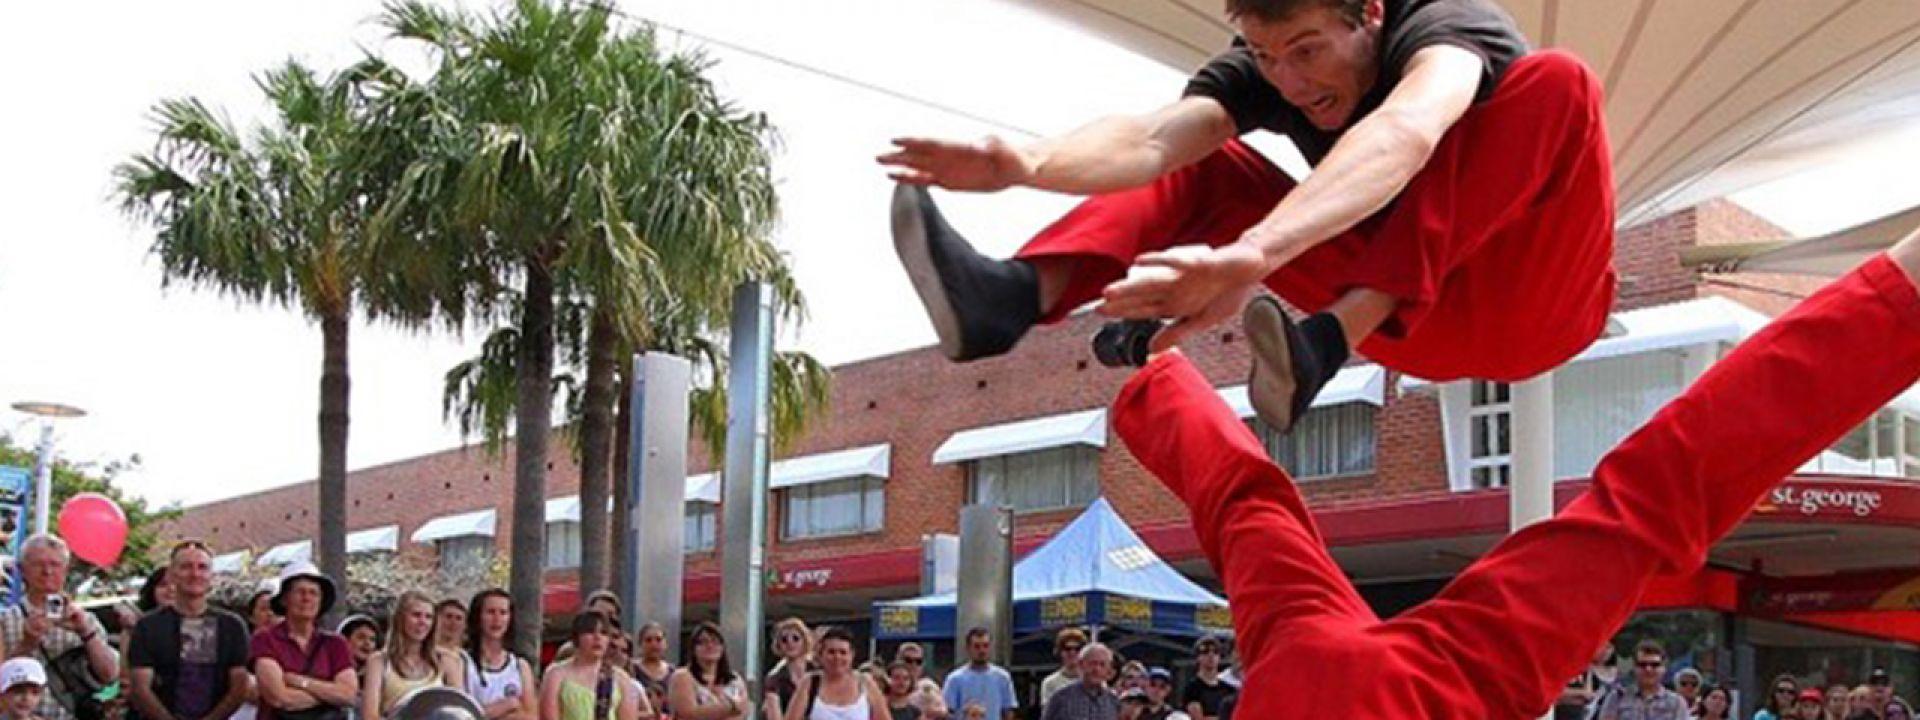 Φωτογραφία απο την εκδήλωση Circus Outdoors